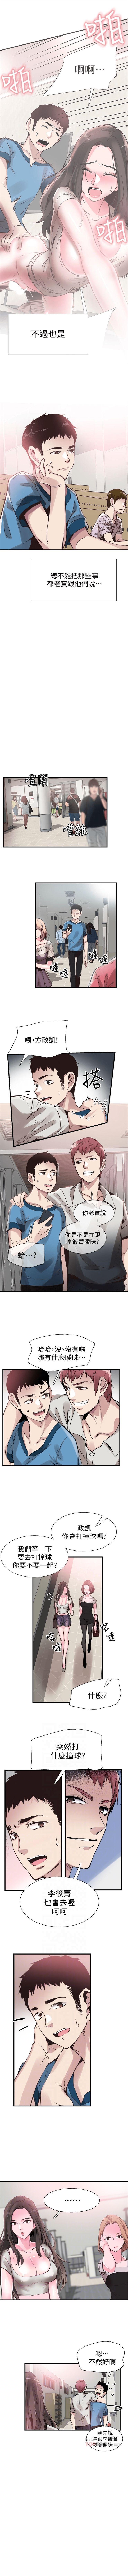 (週7)校園live秀 1-50 中文翻譯(更新中) 196